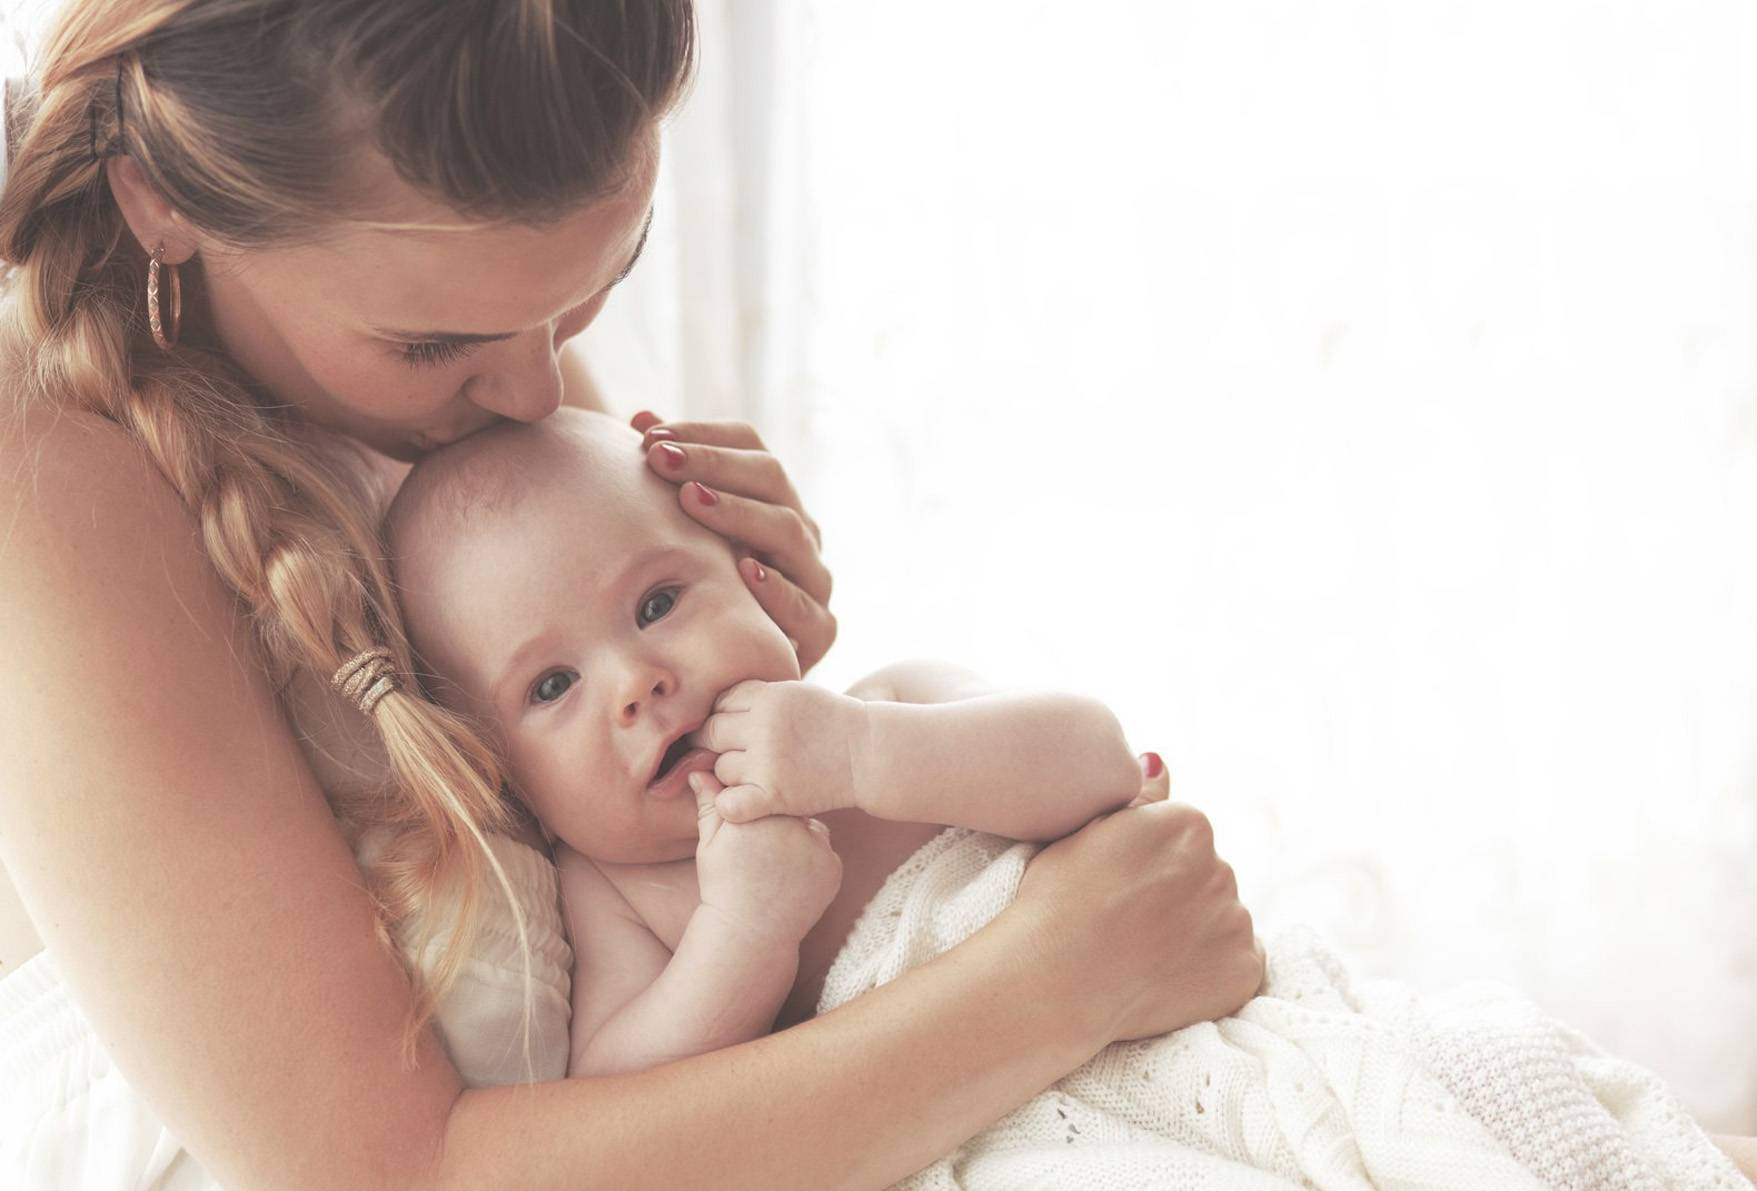 Почему ребенок часто плачет и как его успокоить?